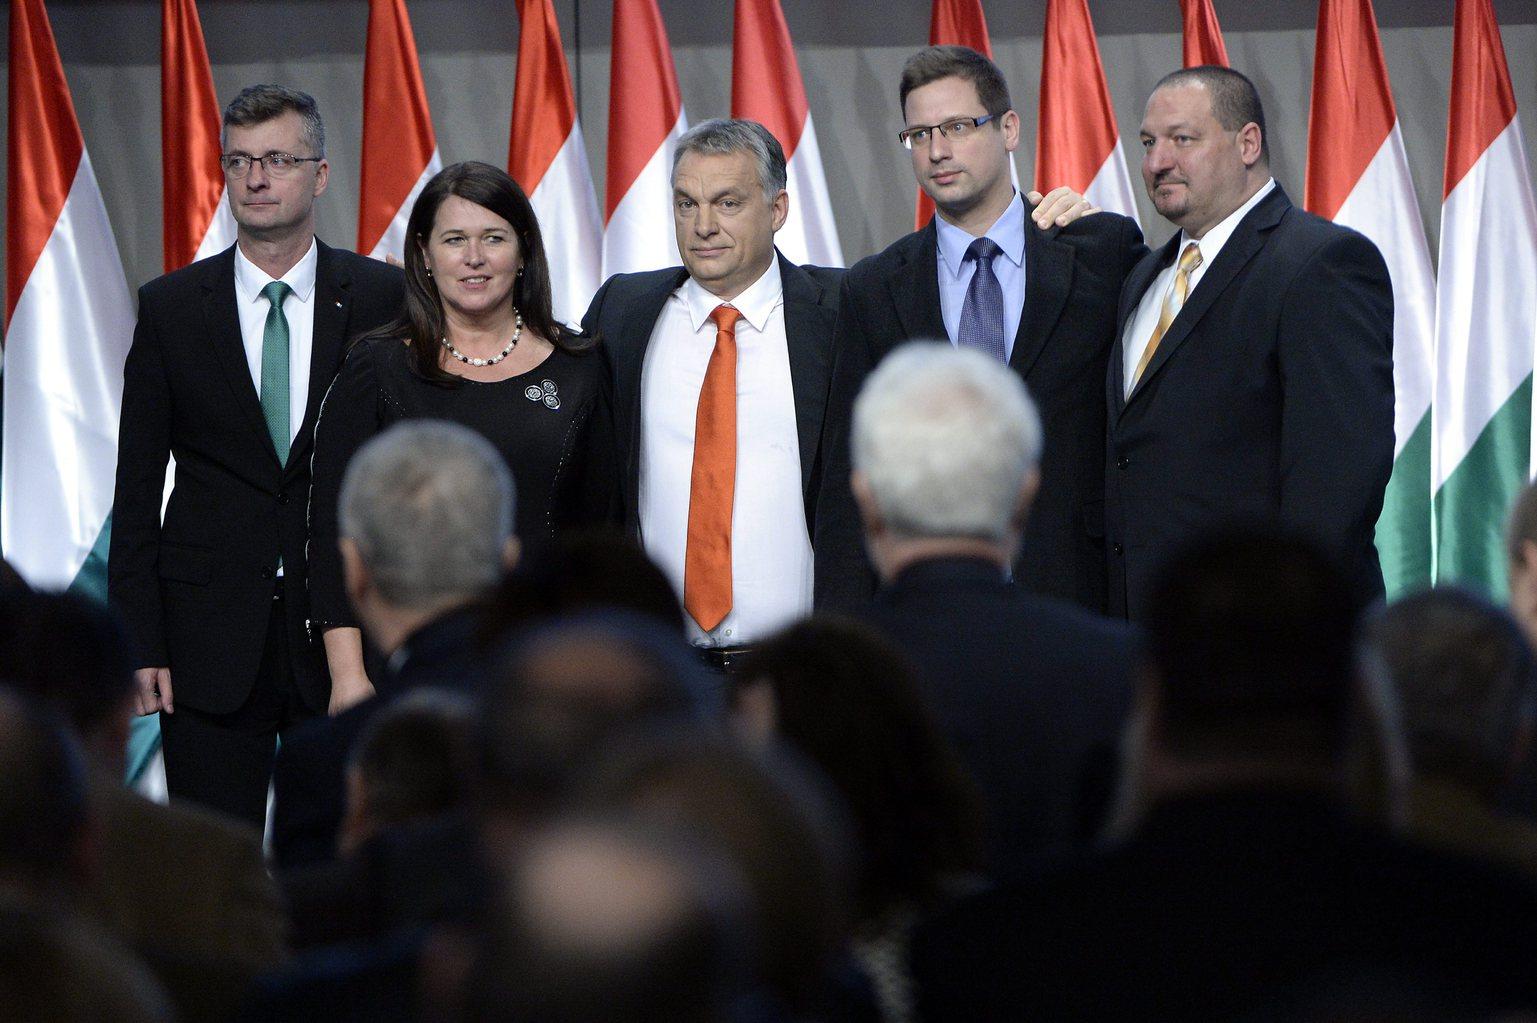 Orbán Viktor miniszterelnök, a Fidesz elnöke (k), valamint a párt újonnan megválasztott alelnökei, Kubatov Gábor, Pelczné Gáll Ildikó, Gulyás Gergely és Németh Szilárd (b-j) a Fidesz XXVI., tisztújító kongresszusán a budapesti Hungexpón 2015. december 13-án. MTI Fotó: Kovács Tamás